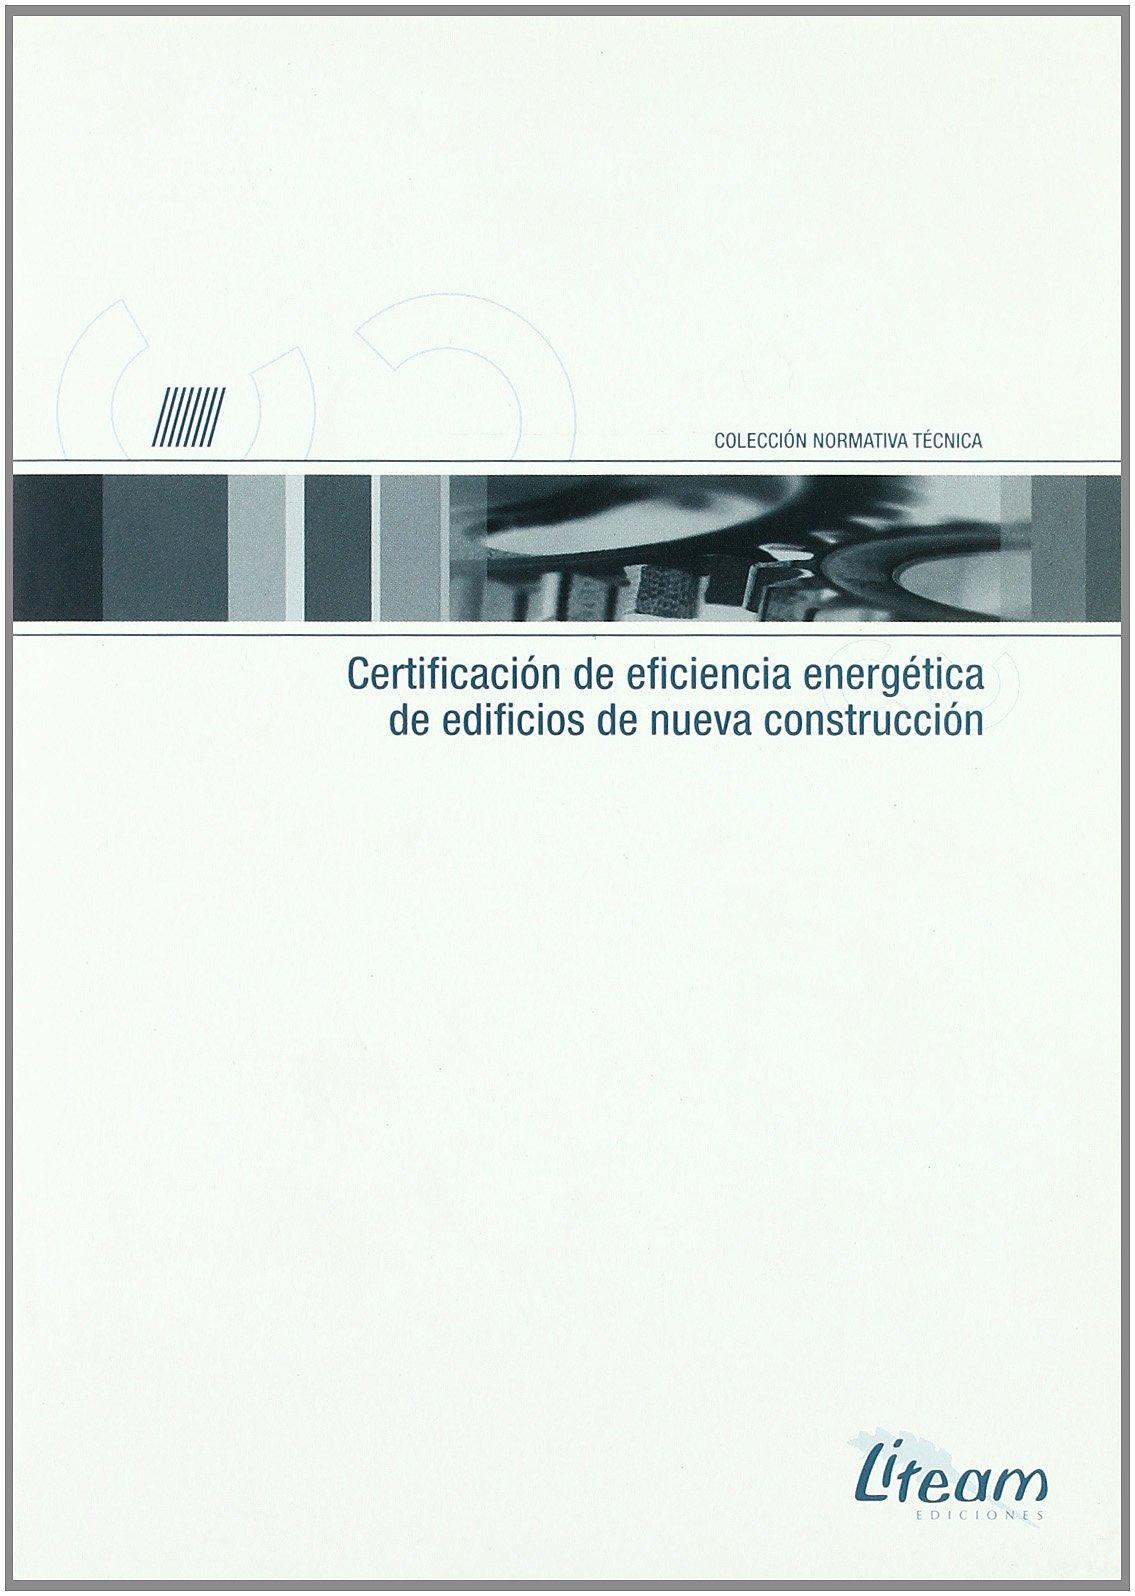 Certificacion de eficiencia energetica de edificios de nueva